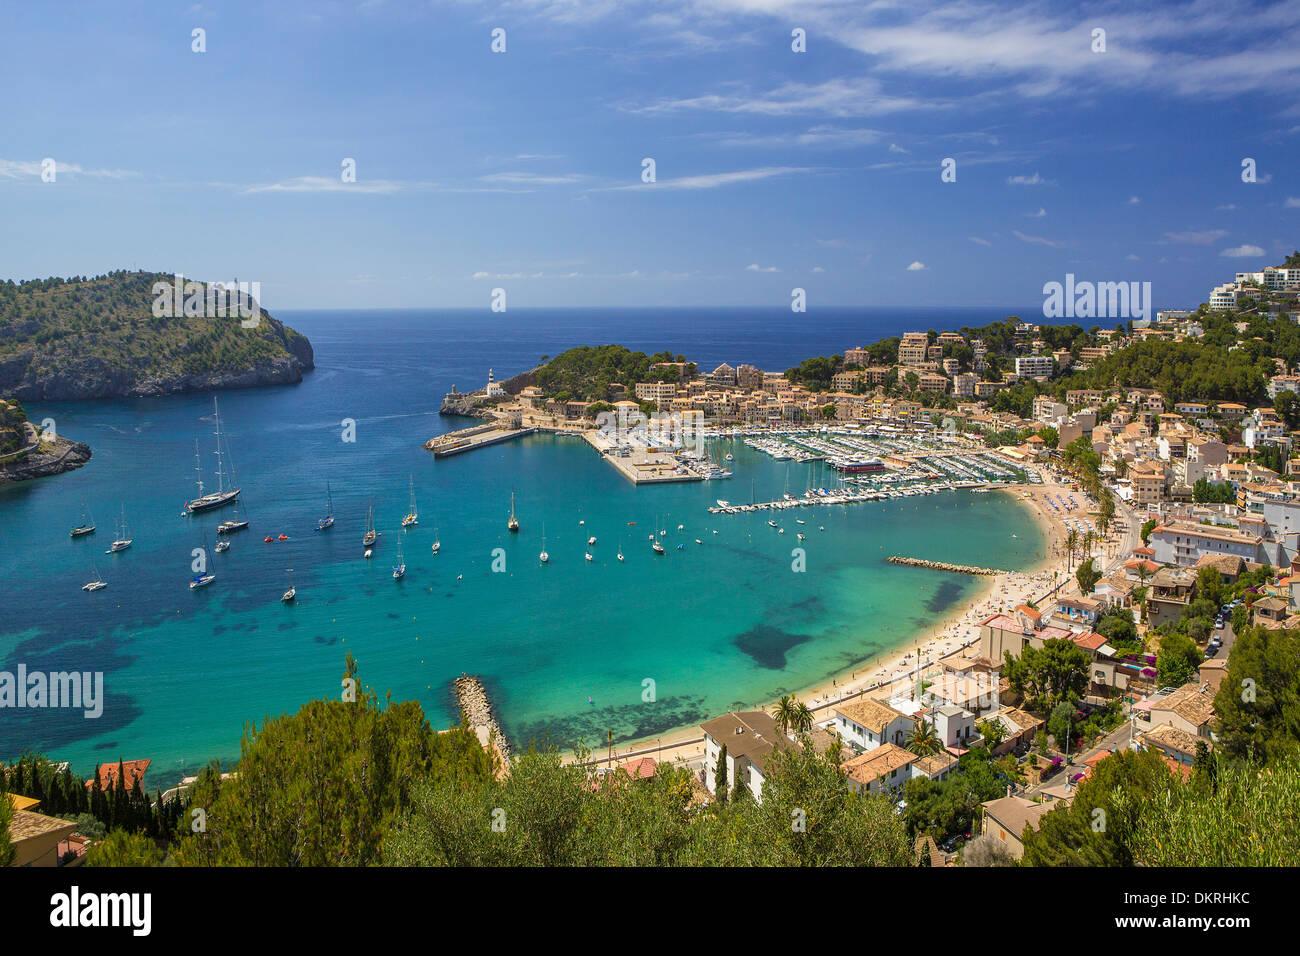 Majorque Baléares architecture bleu paysage ville port de plaisance de l'île méditerranéenne port soller Espagne Europe touristic Banque D'Images